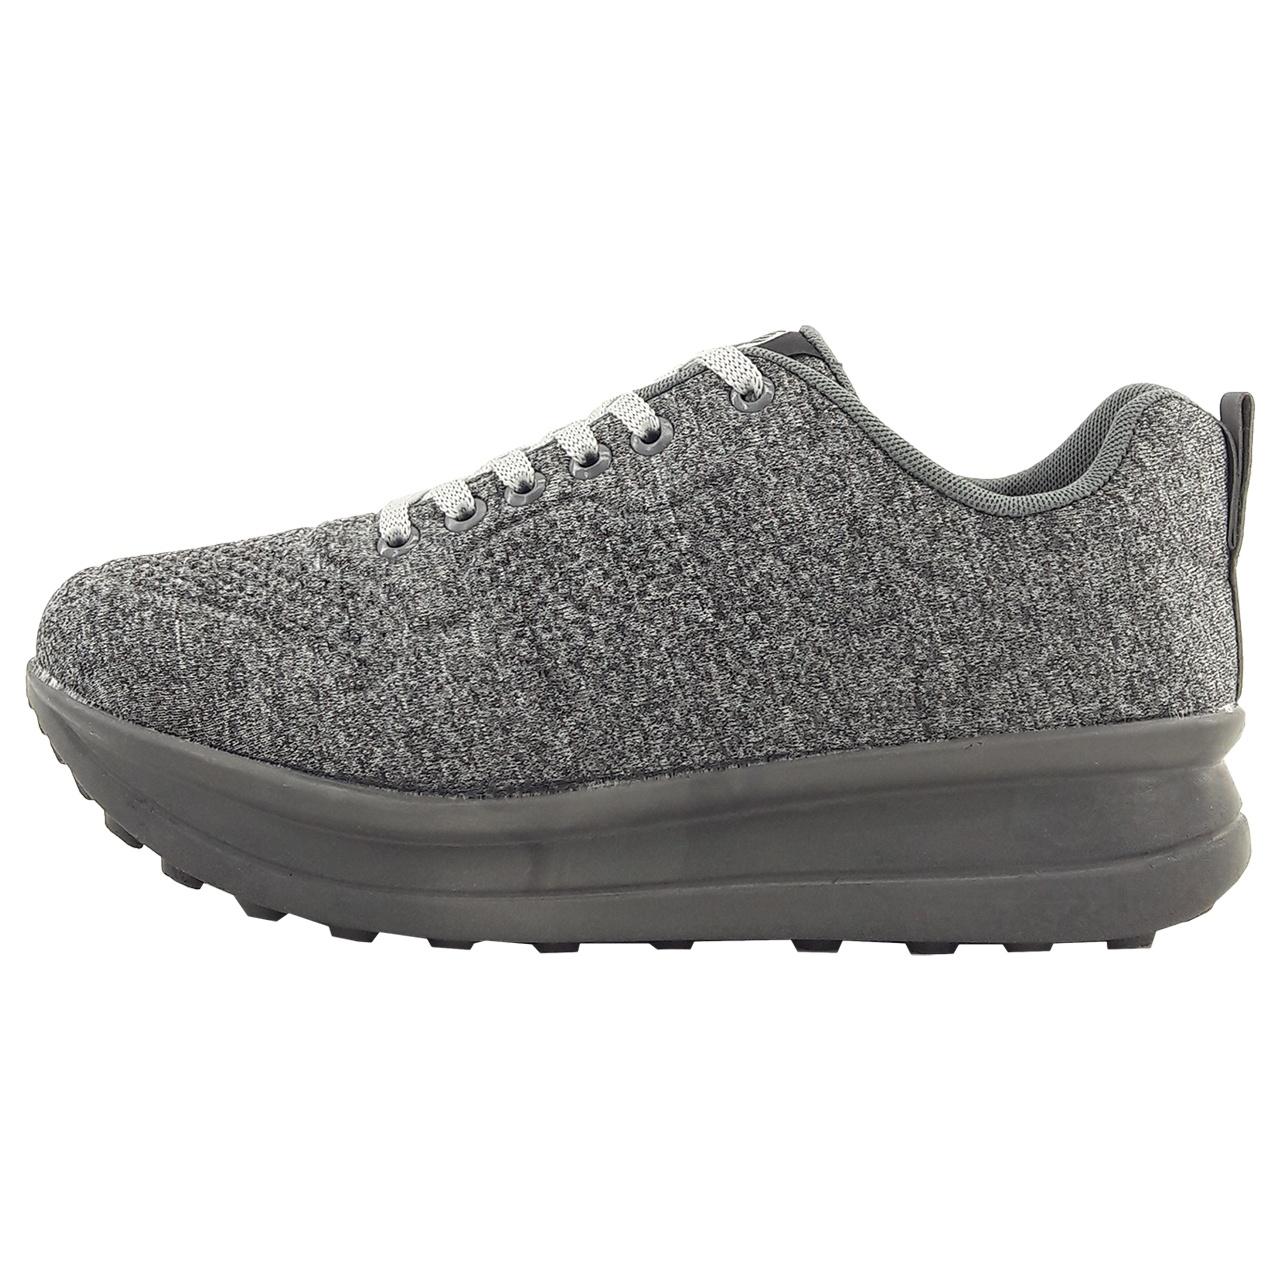 کفش مخصوص پیاده روی زنانه سی پی ان مدل sd.gry01